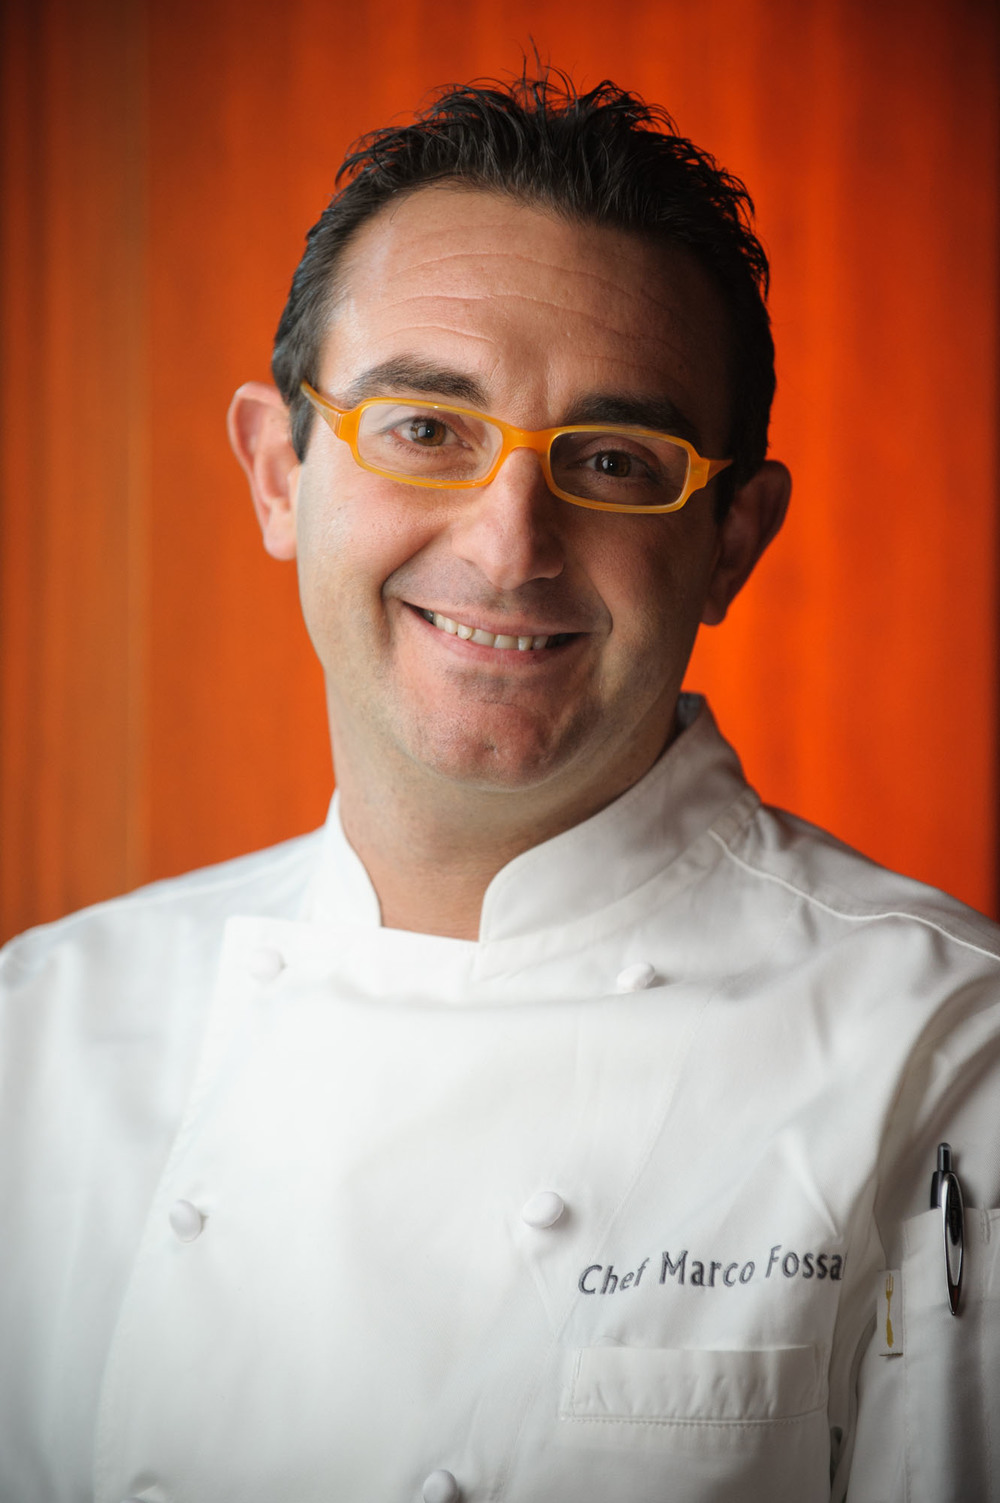 ChefMarco_d3-6436.jpg